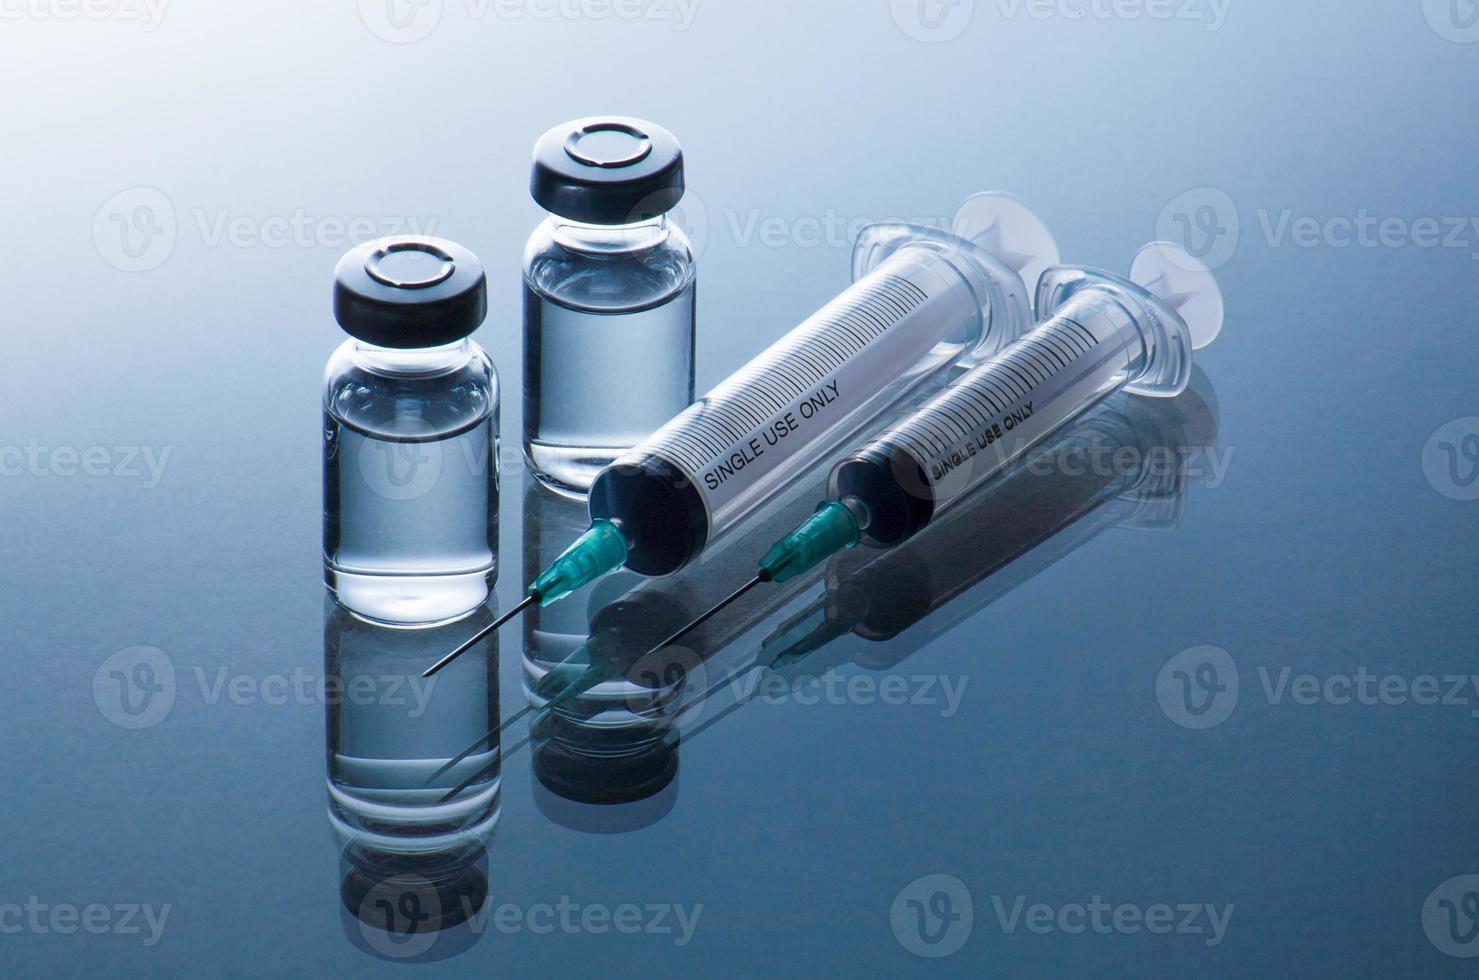 medizinische Ampullen und Spritze auf blauem Hintergrund foto